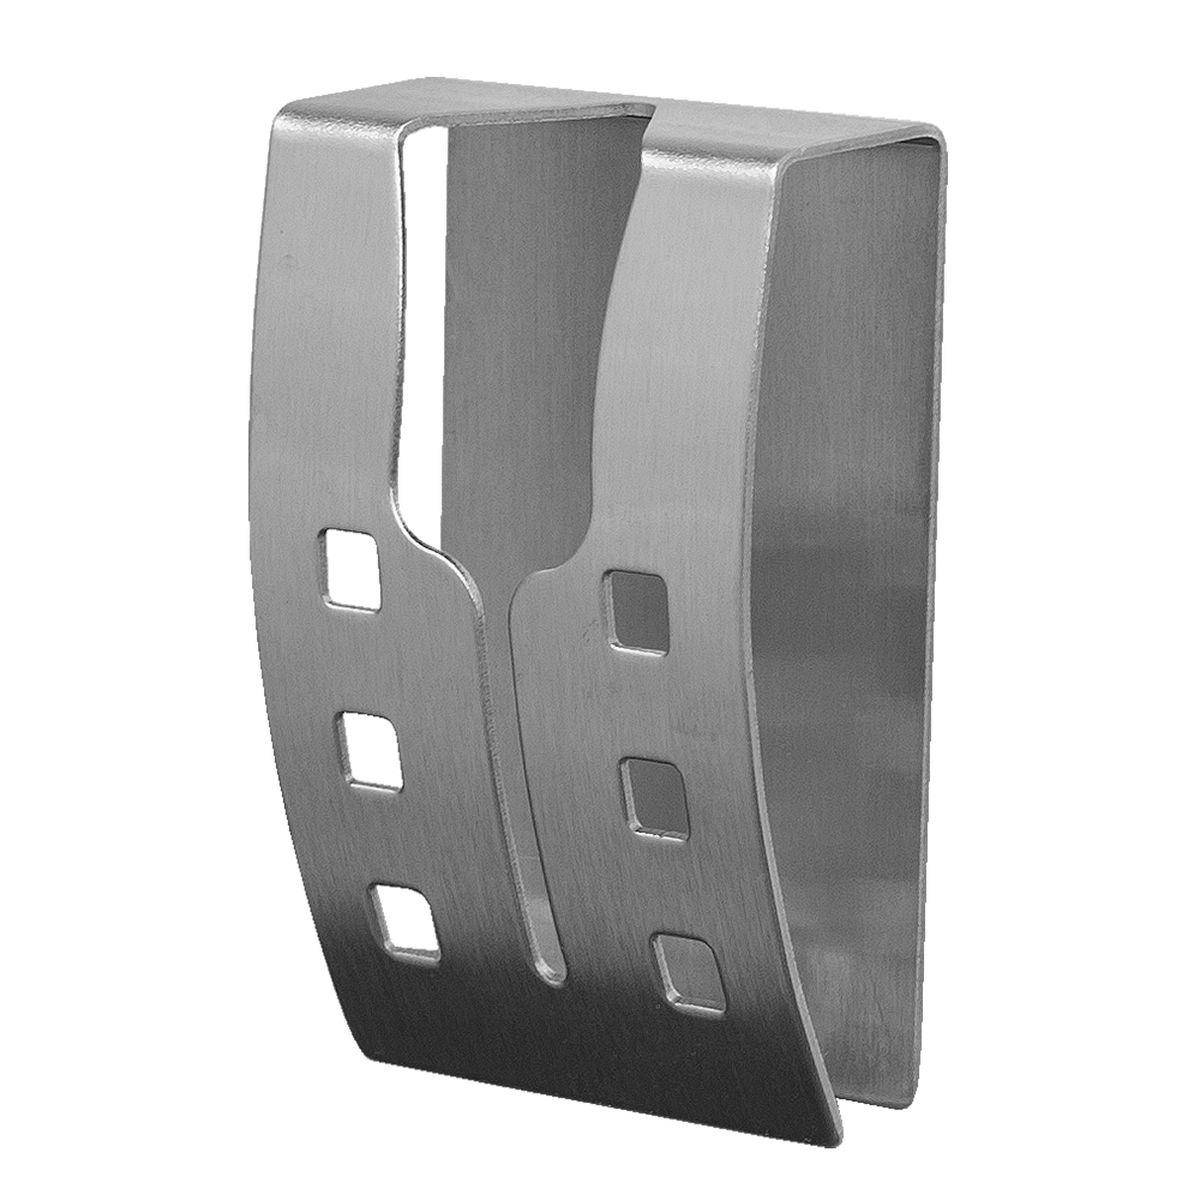 Вешалка самоклеящаяся Tatkraft Emma, для полотенец, 5 х 7,5 х 2 см11861Хромированная самоклеящаяся вешалка для полотенец Tatkraft Emma, изготовлена из нержавеющей стали. Вешалка с современным дизайном не боится влаги, и очень легко крепится к стене. Чтобы зафиксировать вешалку, не нужно сверлить дырки, достаточно снять защитный слой и прочно прижать вешалку к стене. Крепкая, оригинальная вешалка выдерживает вес до 5 кг. Размер вешалки: 5 см х 7,5 см х 2 см. Максимальная нагрузка: 5 кг.